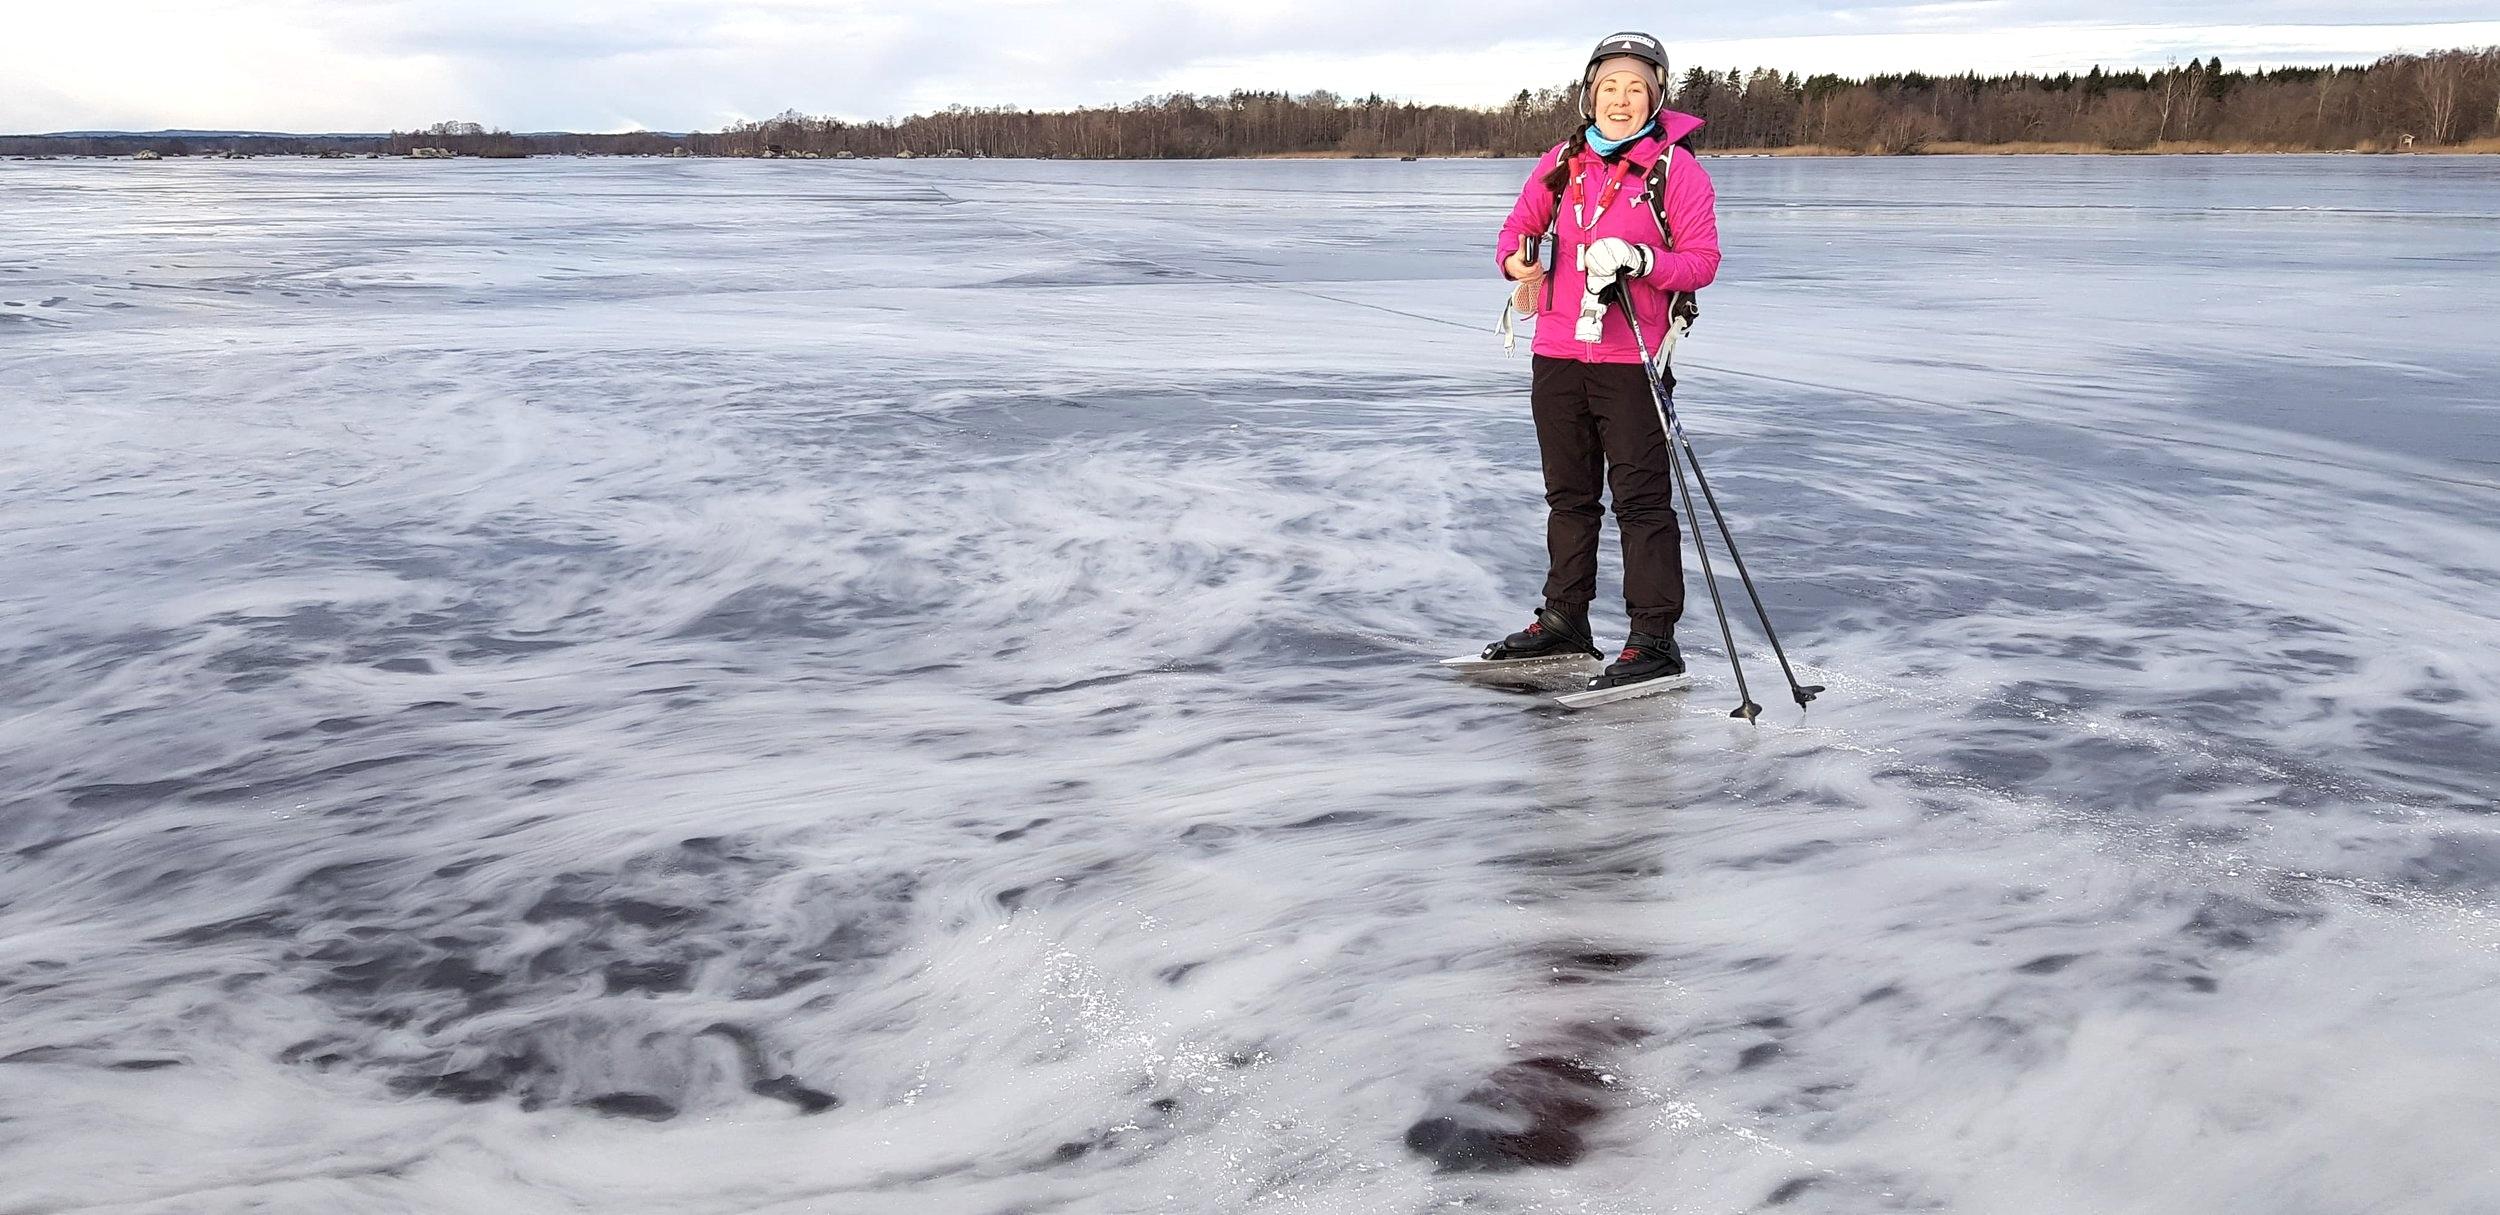 Hjälm, isdubbar och stavar. Då är jag säker och snabb på isen.